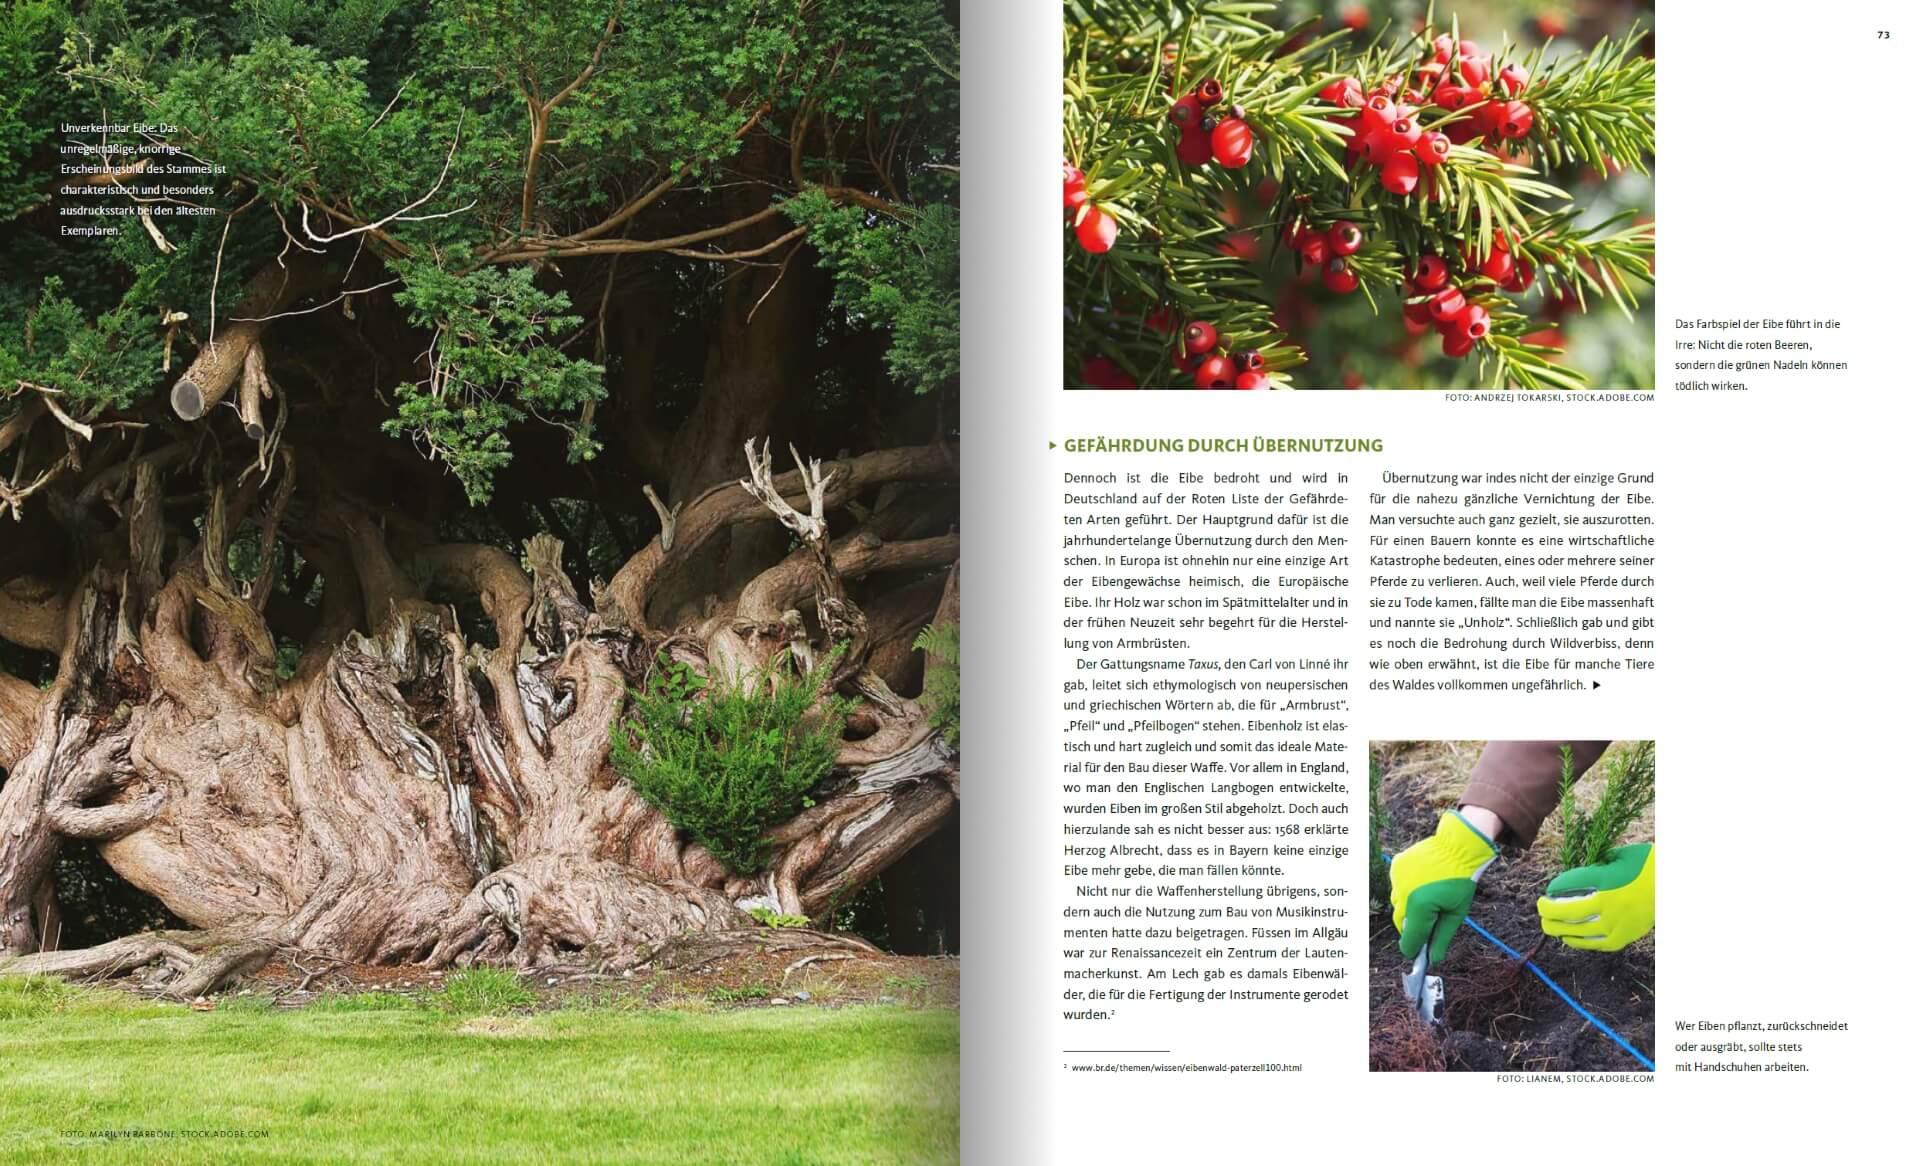 GARTENDESIGN INSPIRATION Ausgabe 6/2019: Die Eibe